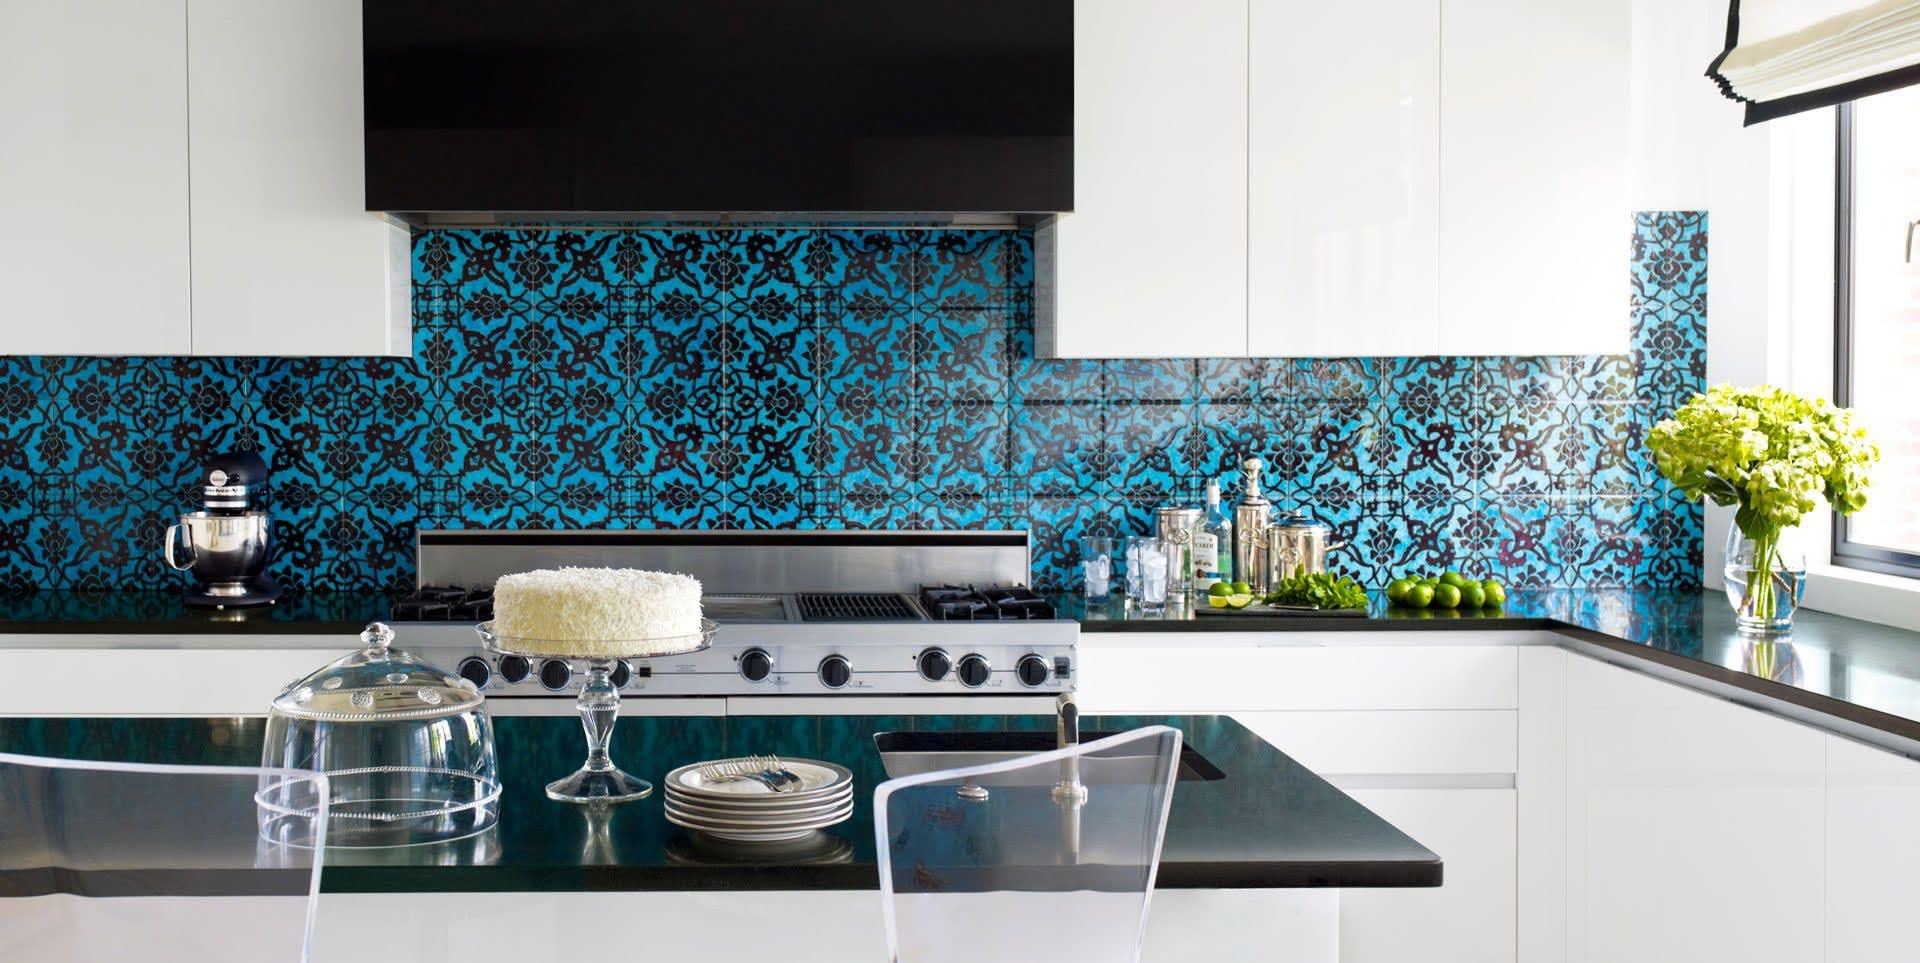 Blue floral pattern Lisbon wall tile kitchen backsplash